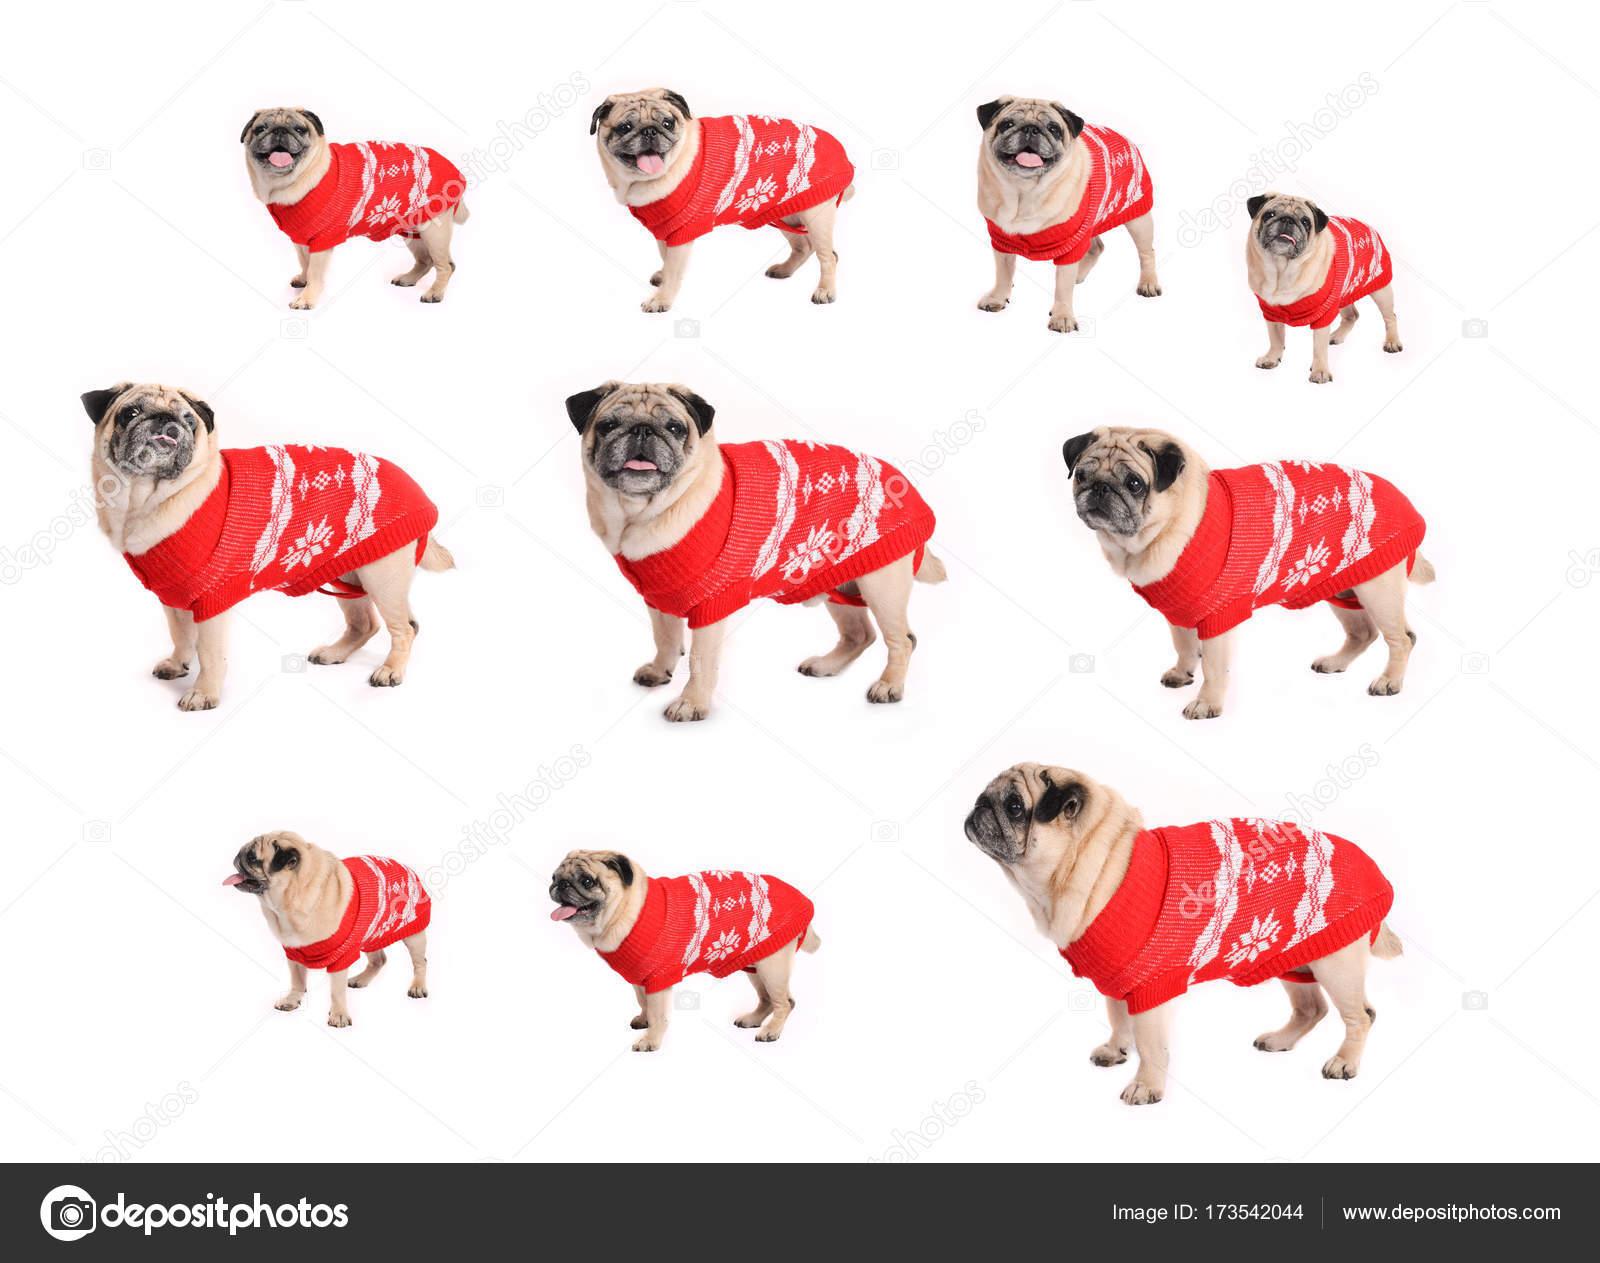 Kersttrui Hond.Hond In Een Kerst Trui Nieuwjaar Hond Met Emoties Op Een